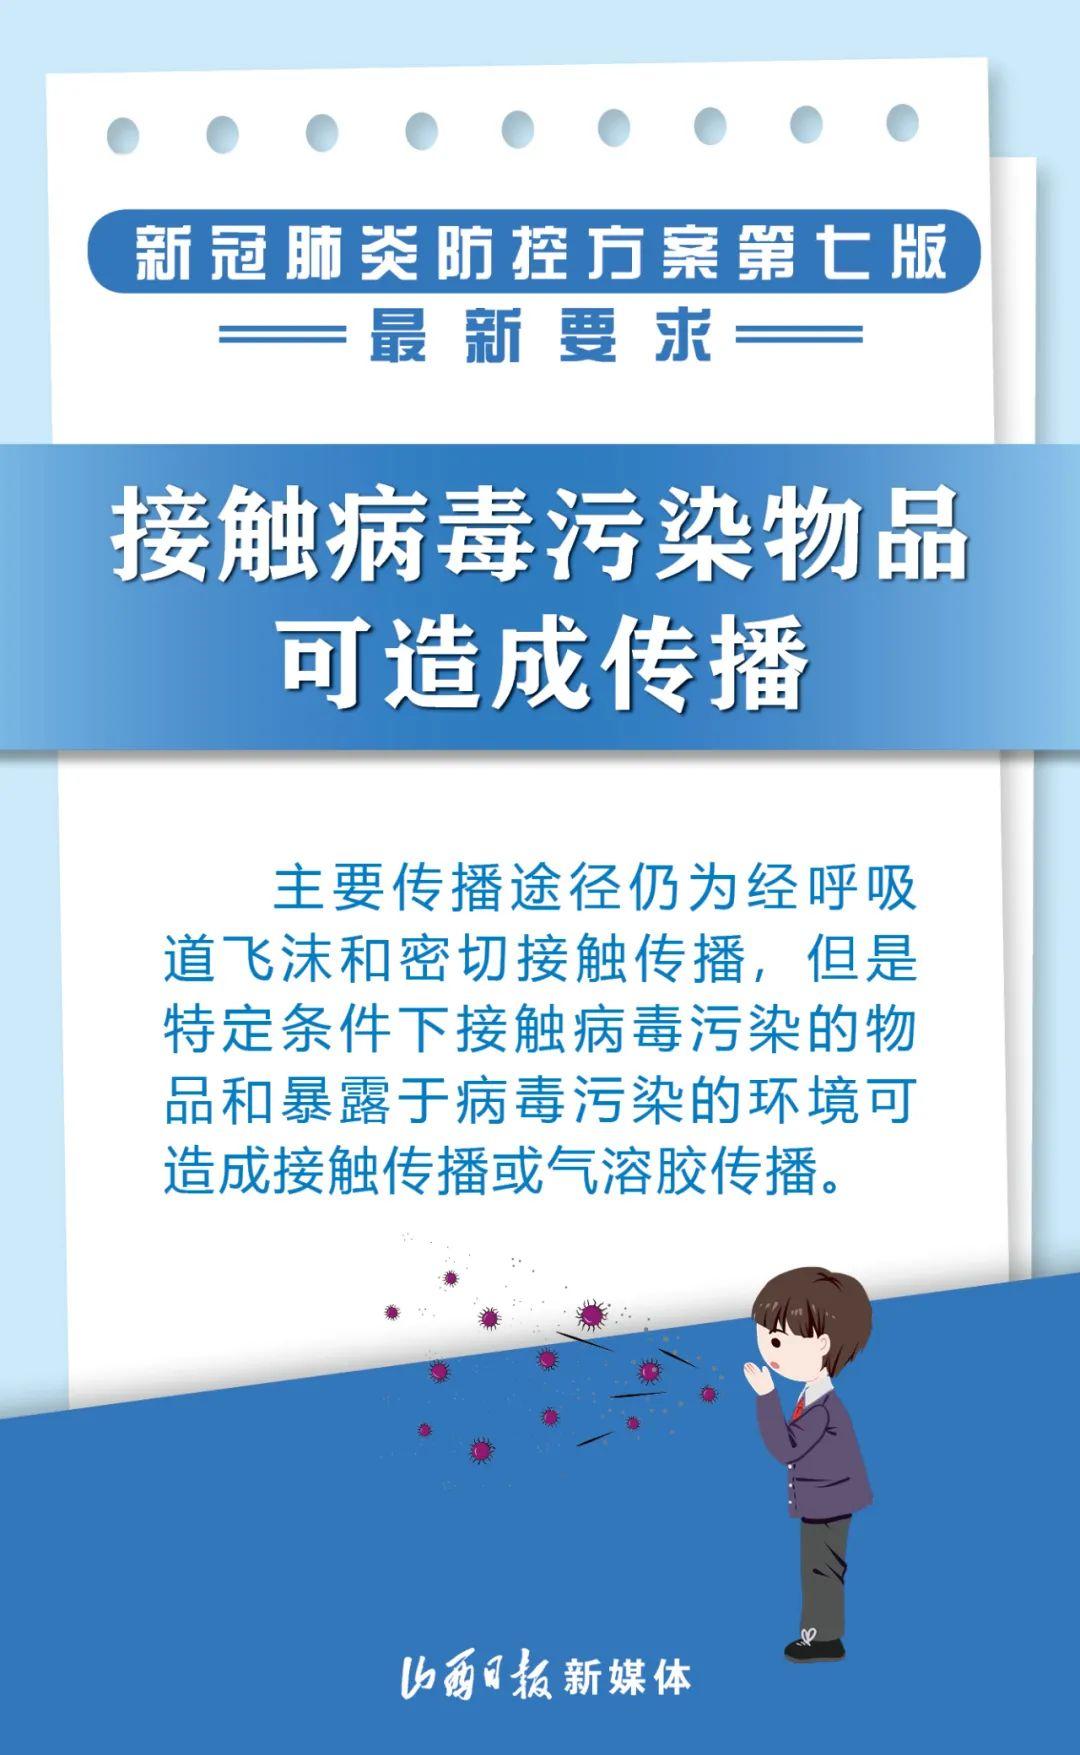 灵笼吐槽大赏新冠肺炎防控方案第七版发布